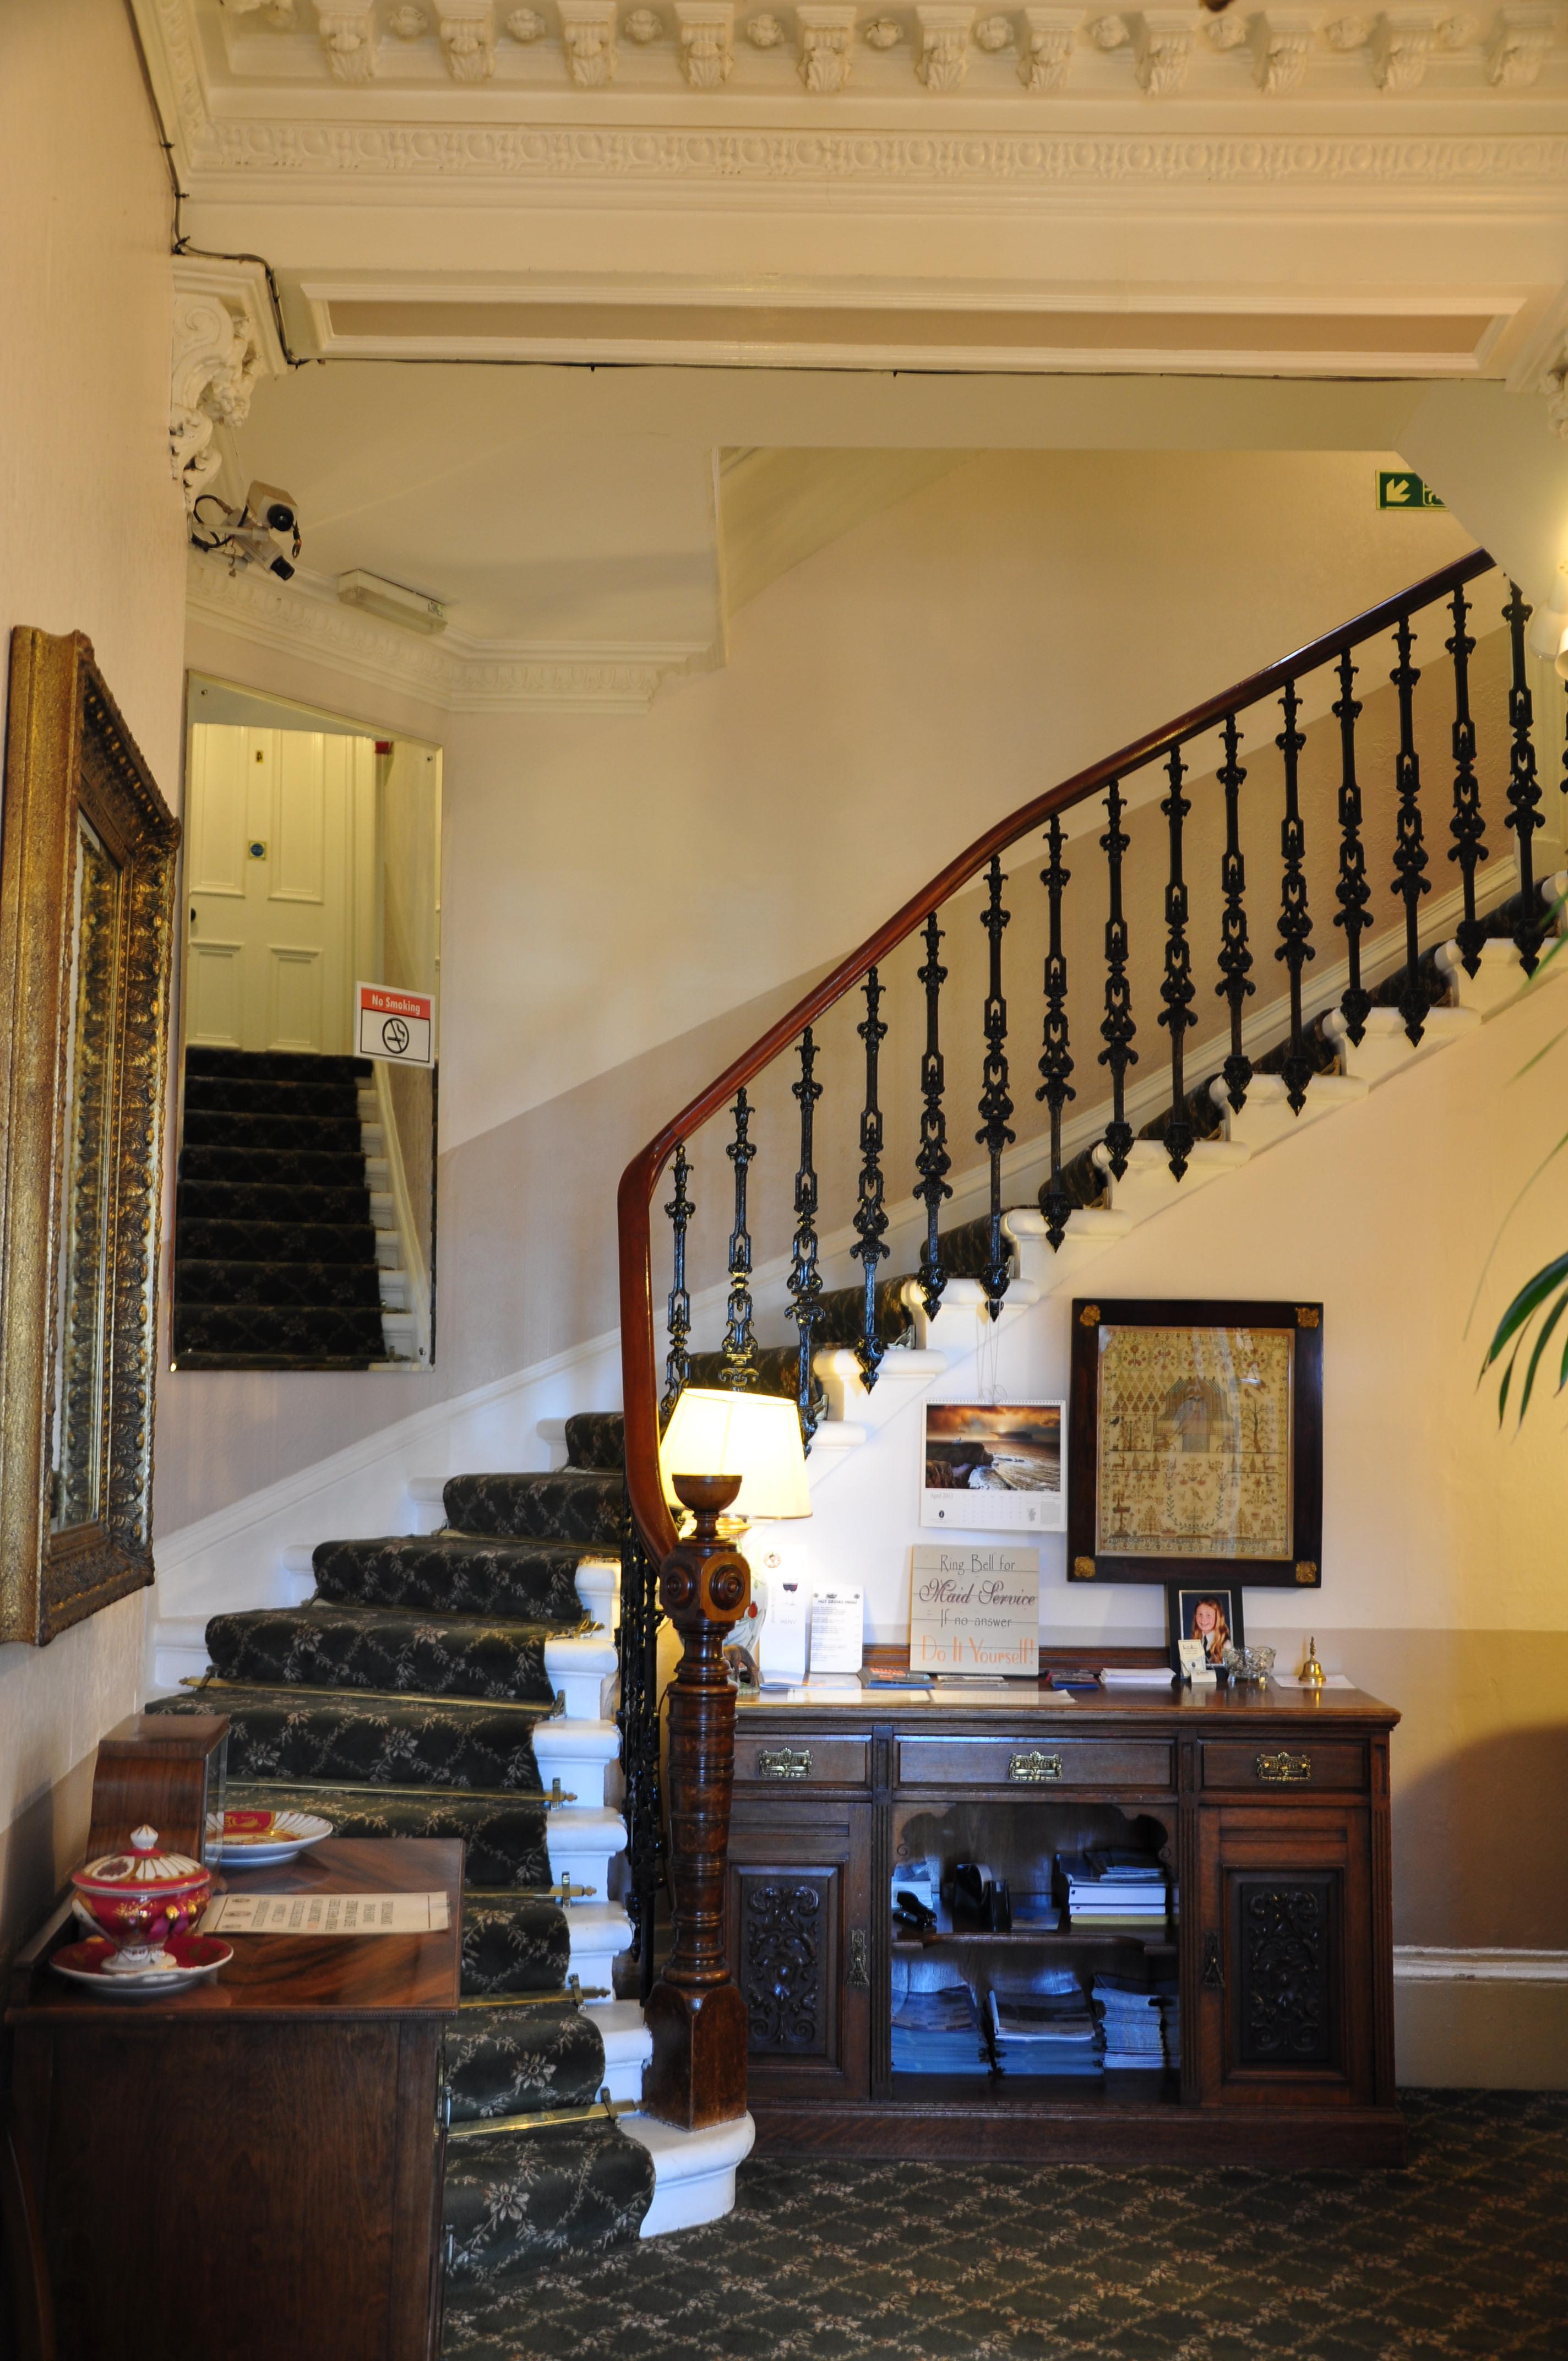 Corran House